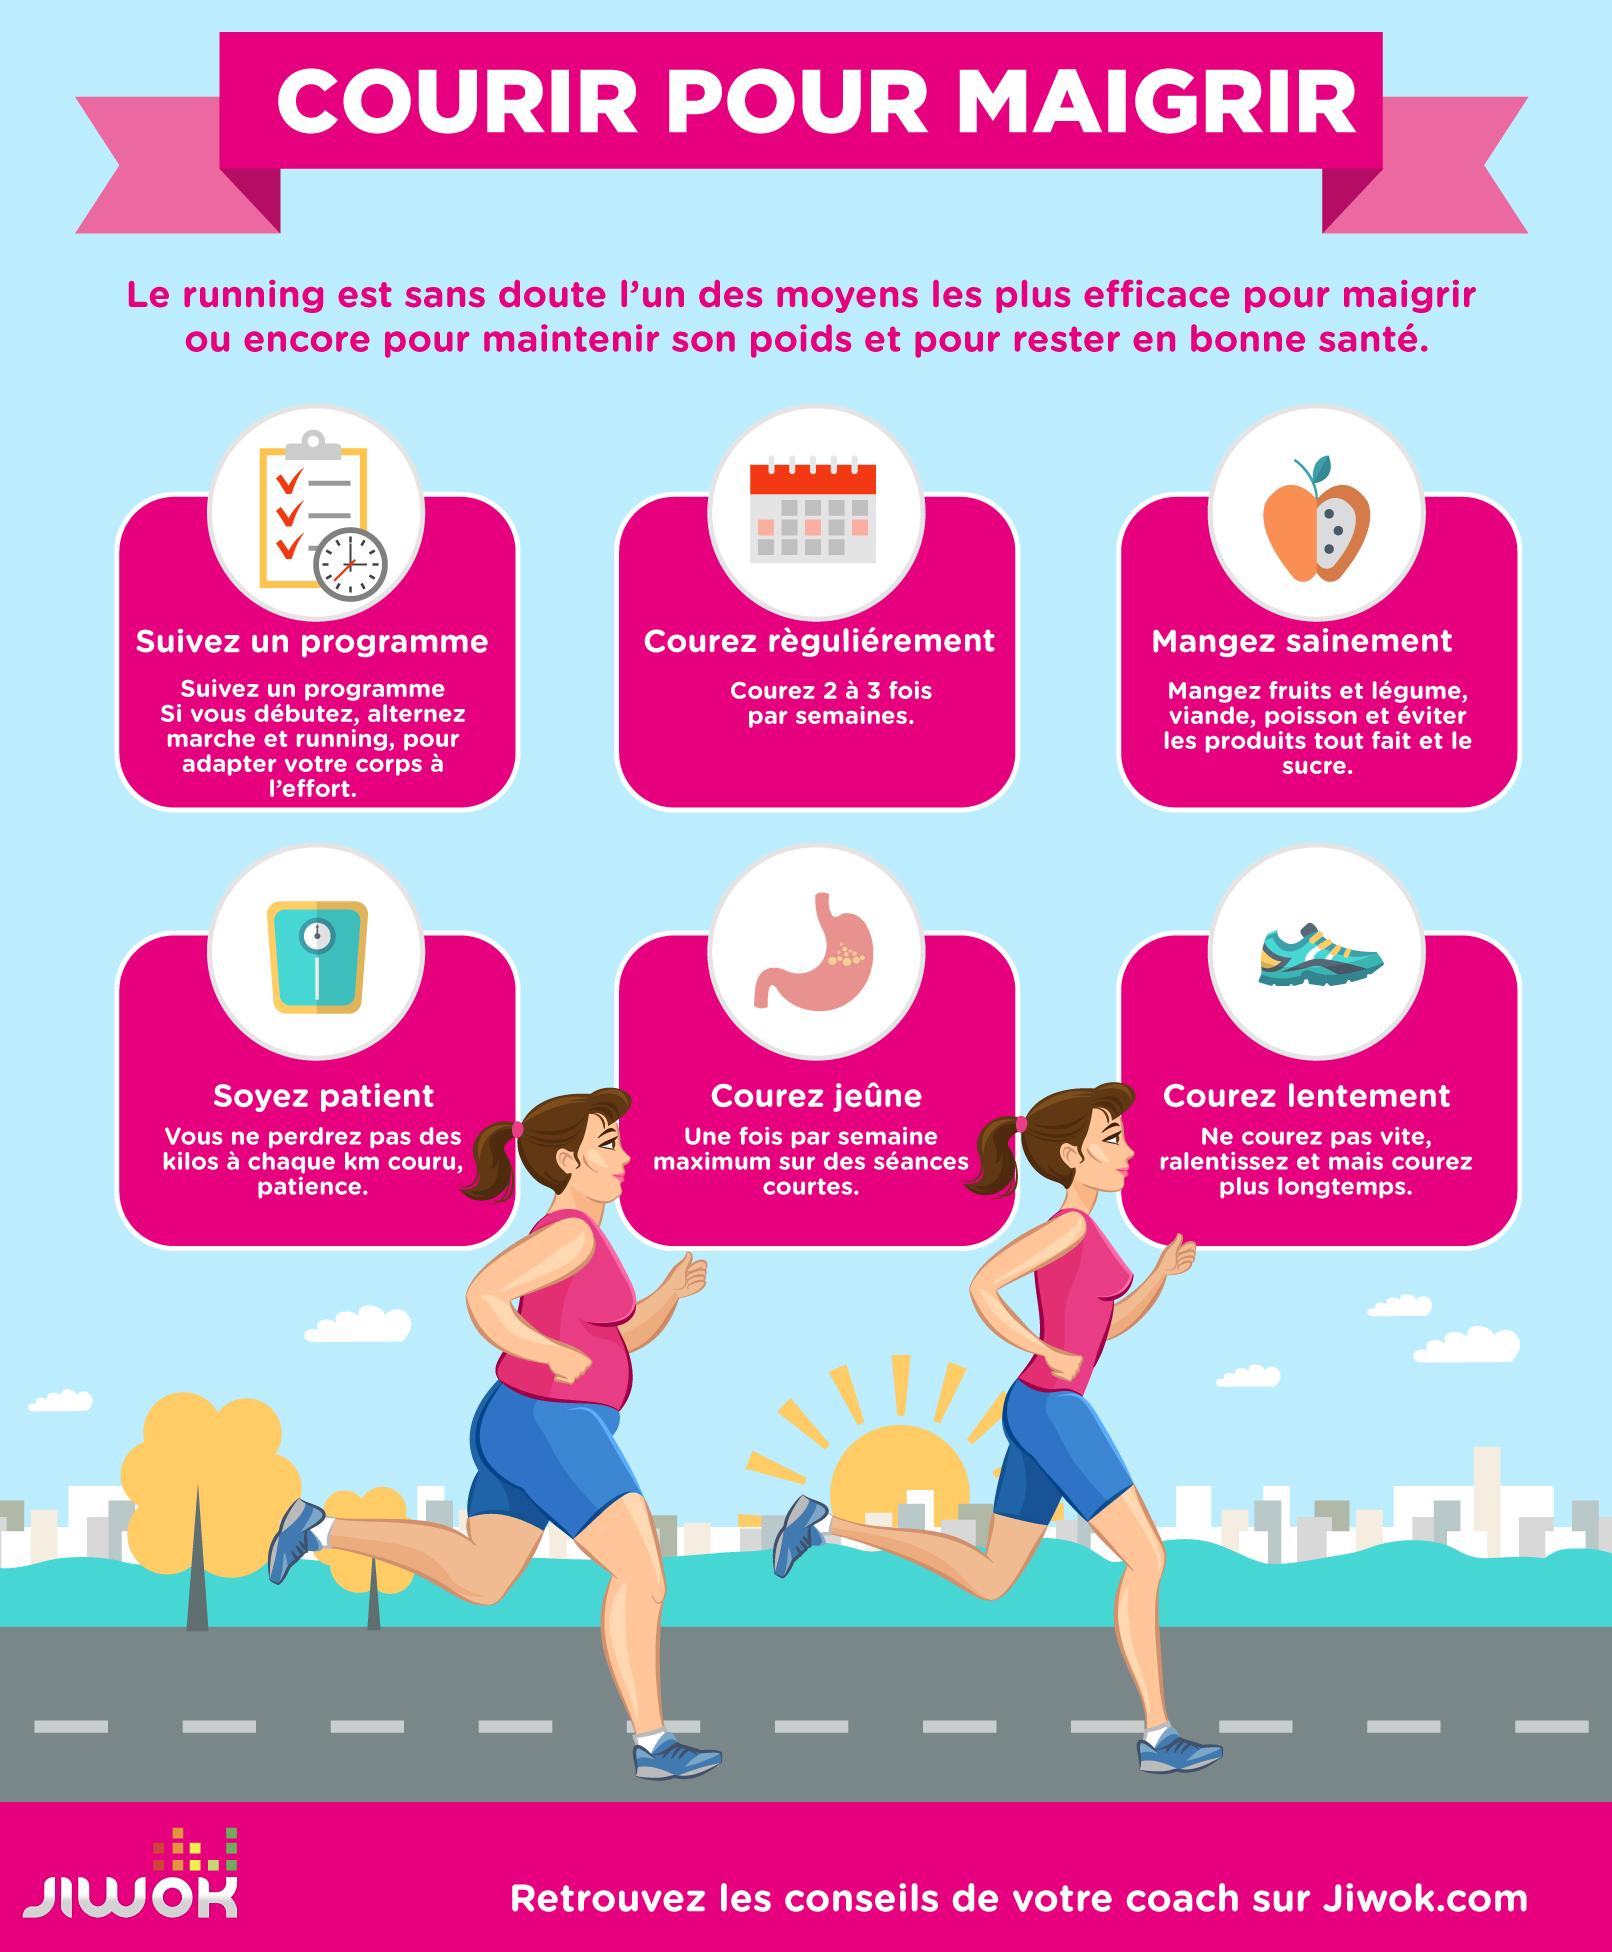 perdre du poids lentement prendre du poids rapidement